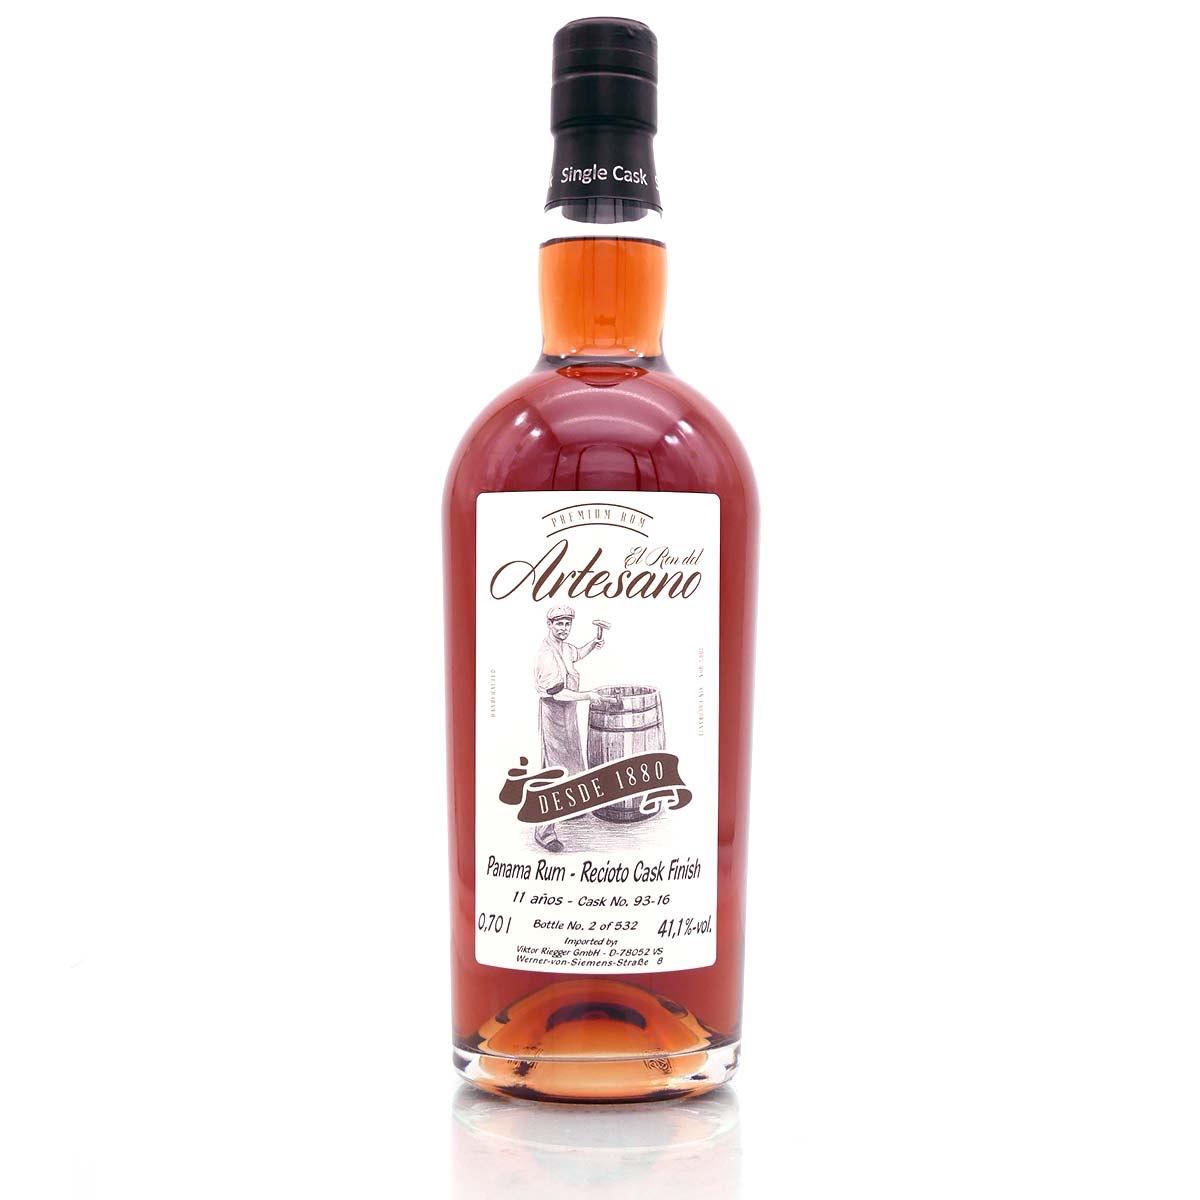 Bottle image of Panama Rum - Recioto Cask Finish